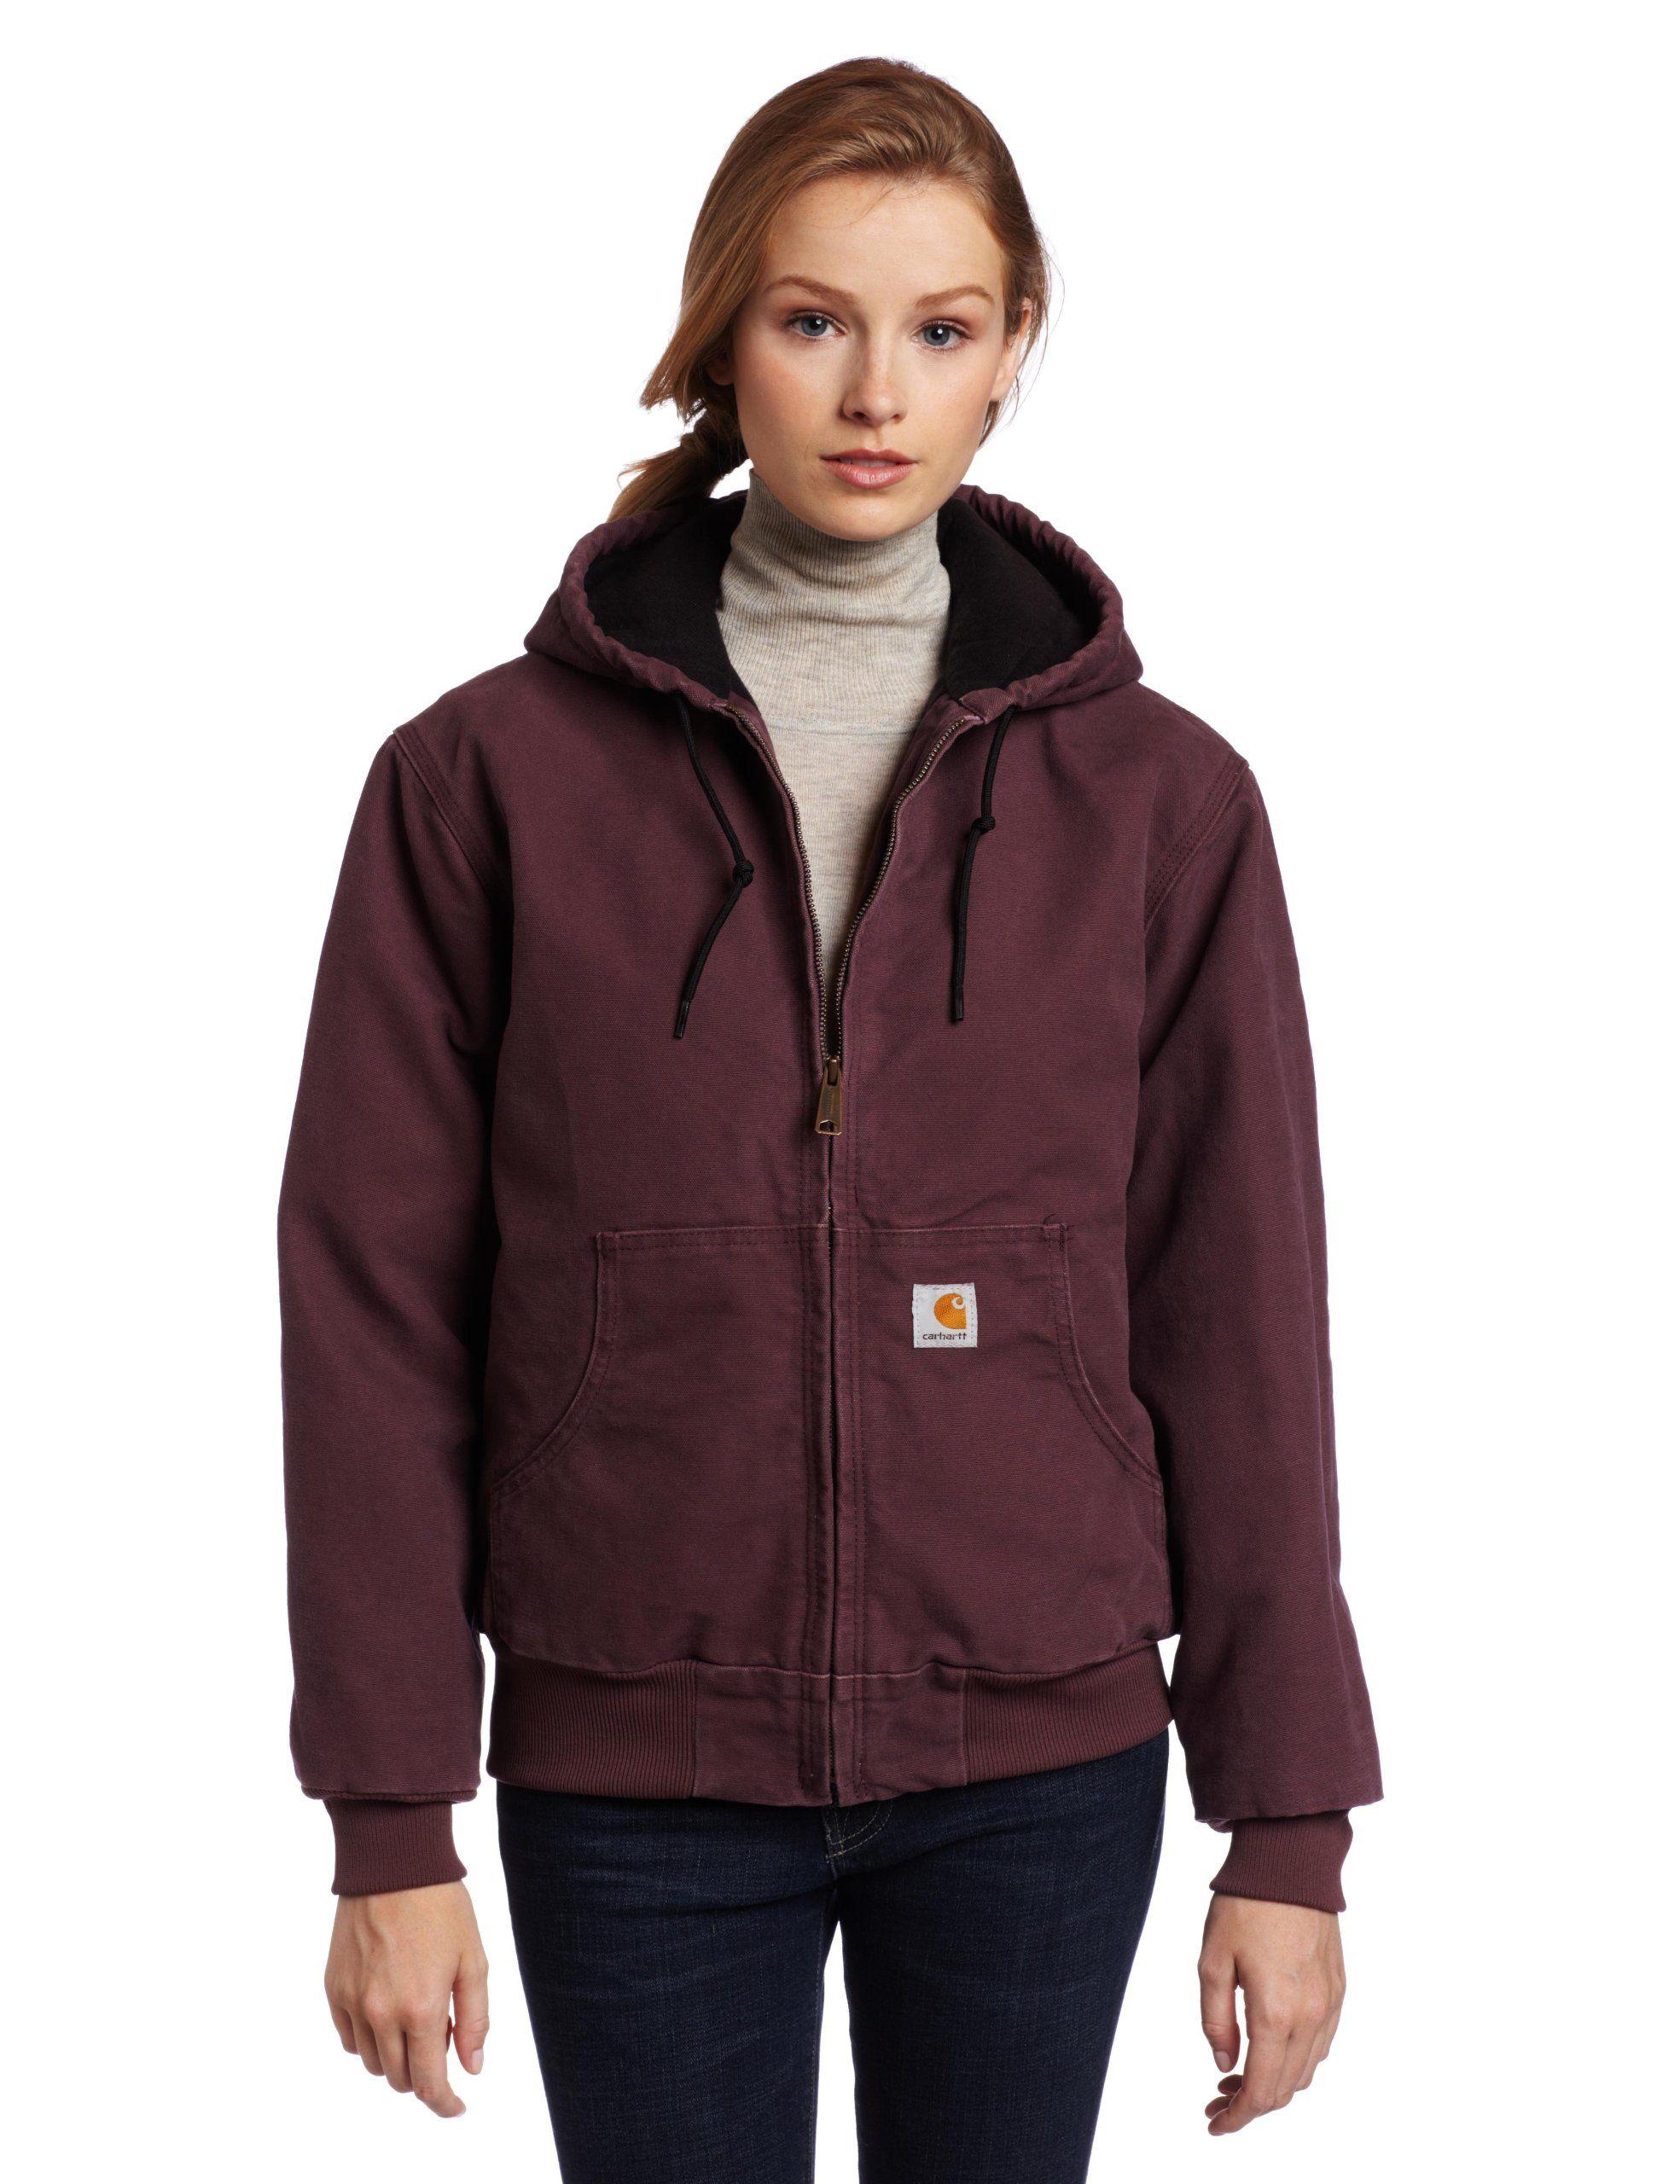 Amazon Com Carhartt Women S Sandstone Duck Quilt Flannel Lined Active Jacket Down Alternative Outerwear Coa Carhartt Women Womens Active Jacket Active Jacket [ 2560 x 1969 Pixel ]